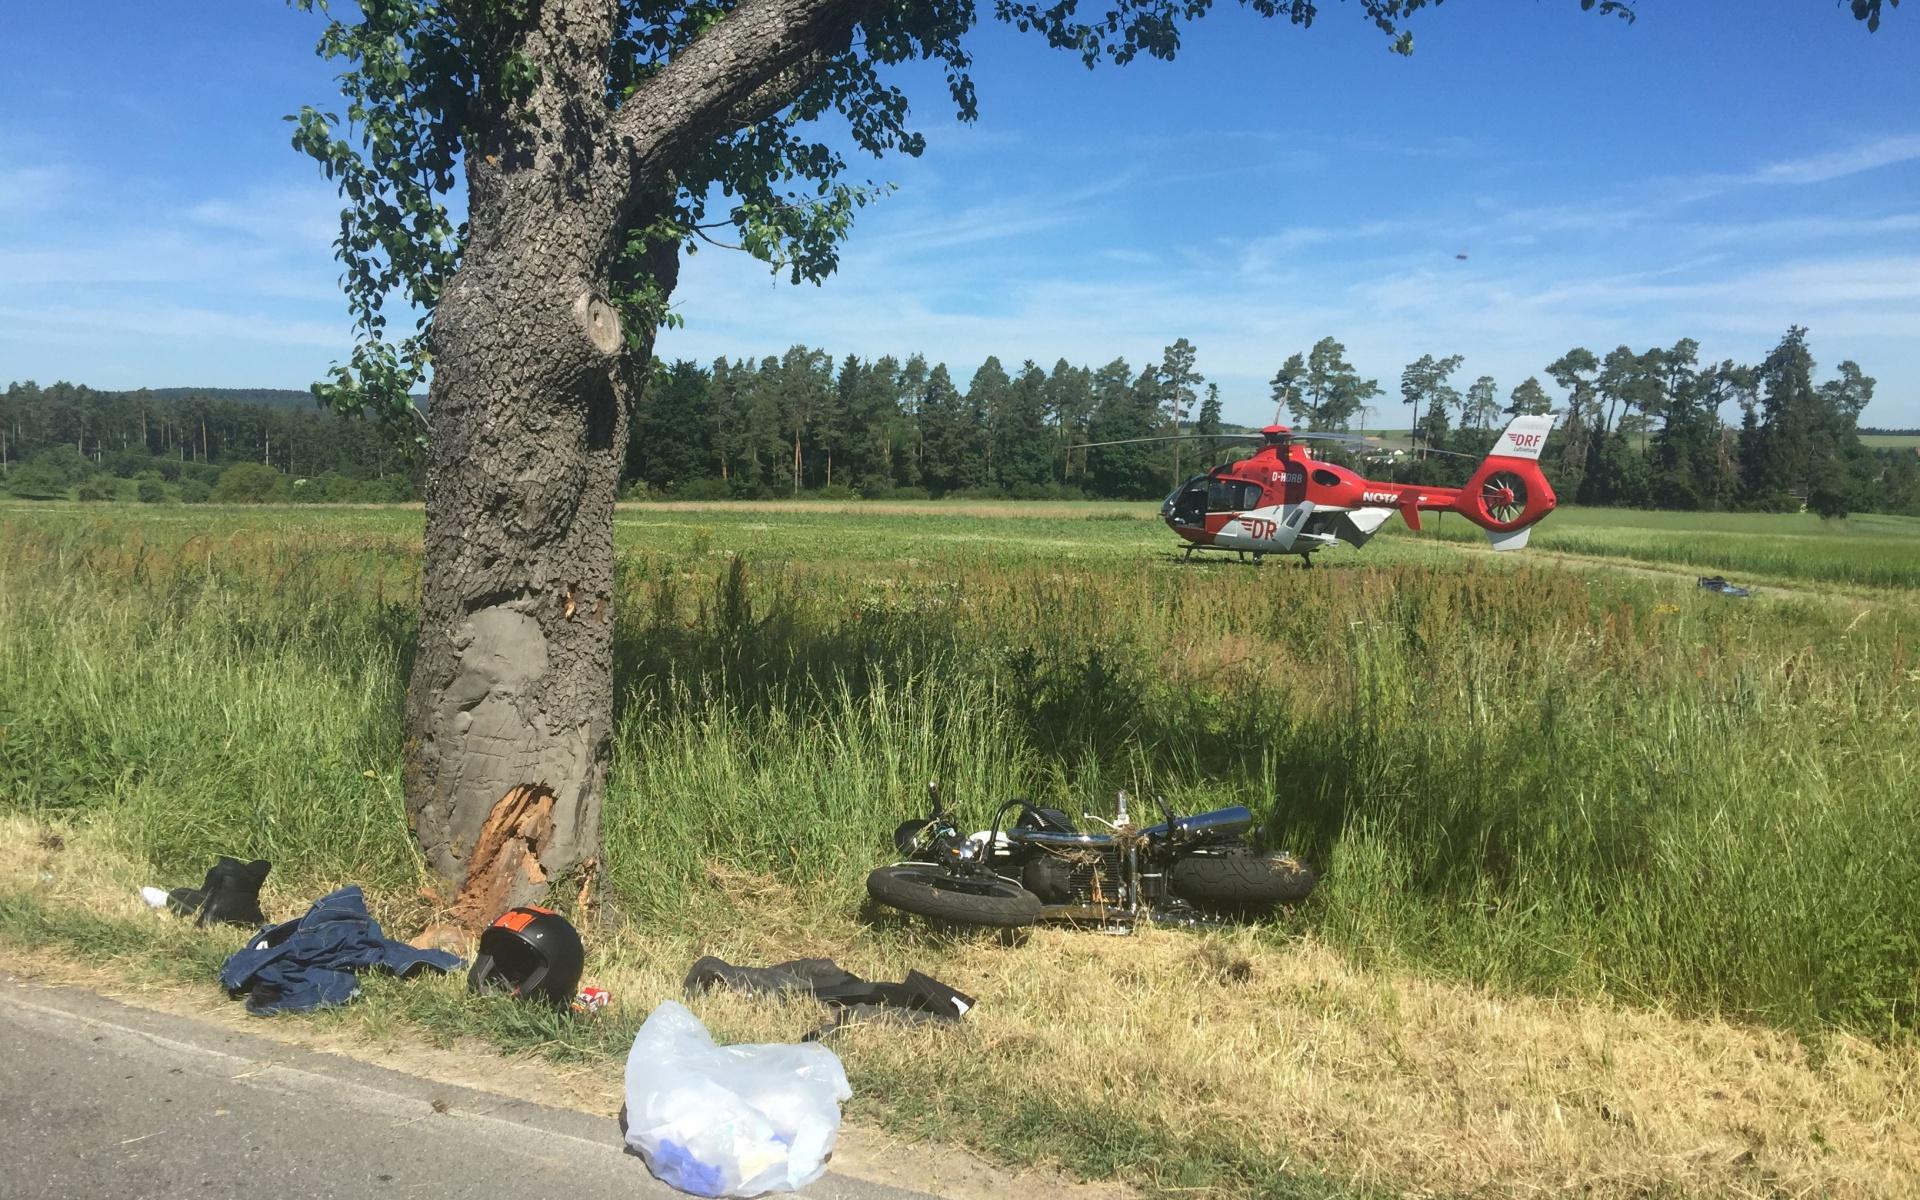 Frontale Kollision mit einem Baum: Ein schwerverletzter Motorradfahrer musste schnell und schonend in eine Spezialklinik geflogen werden.